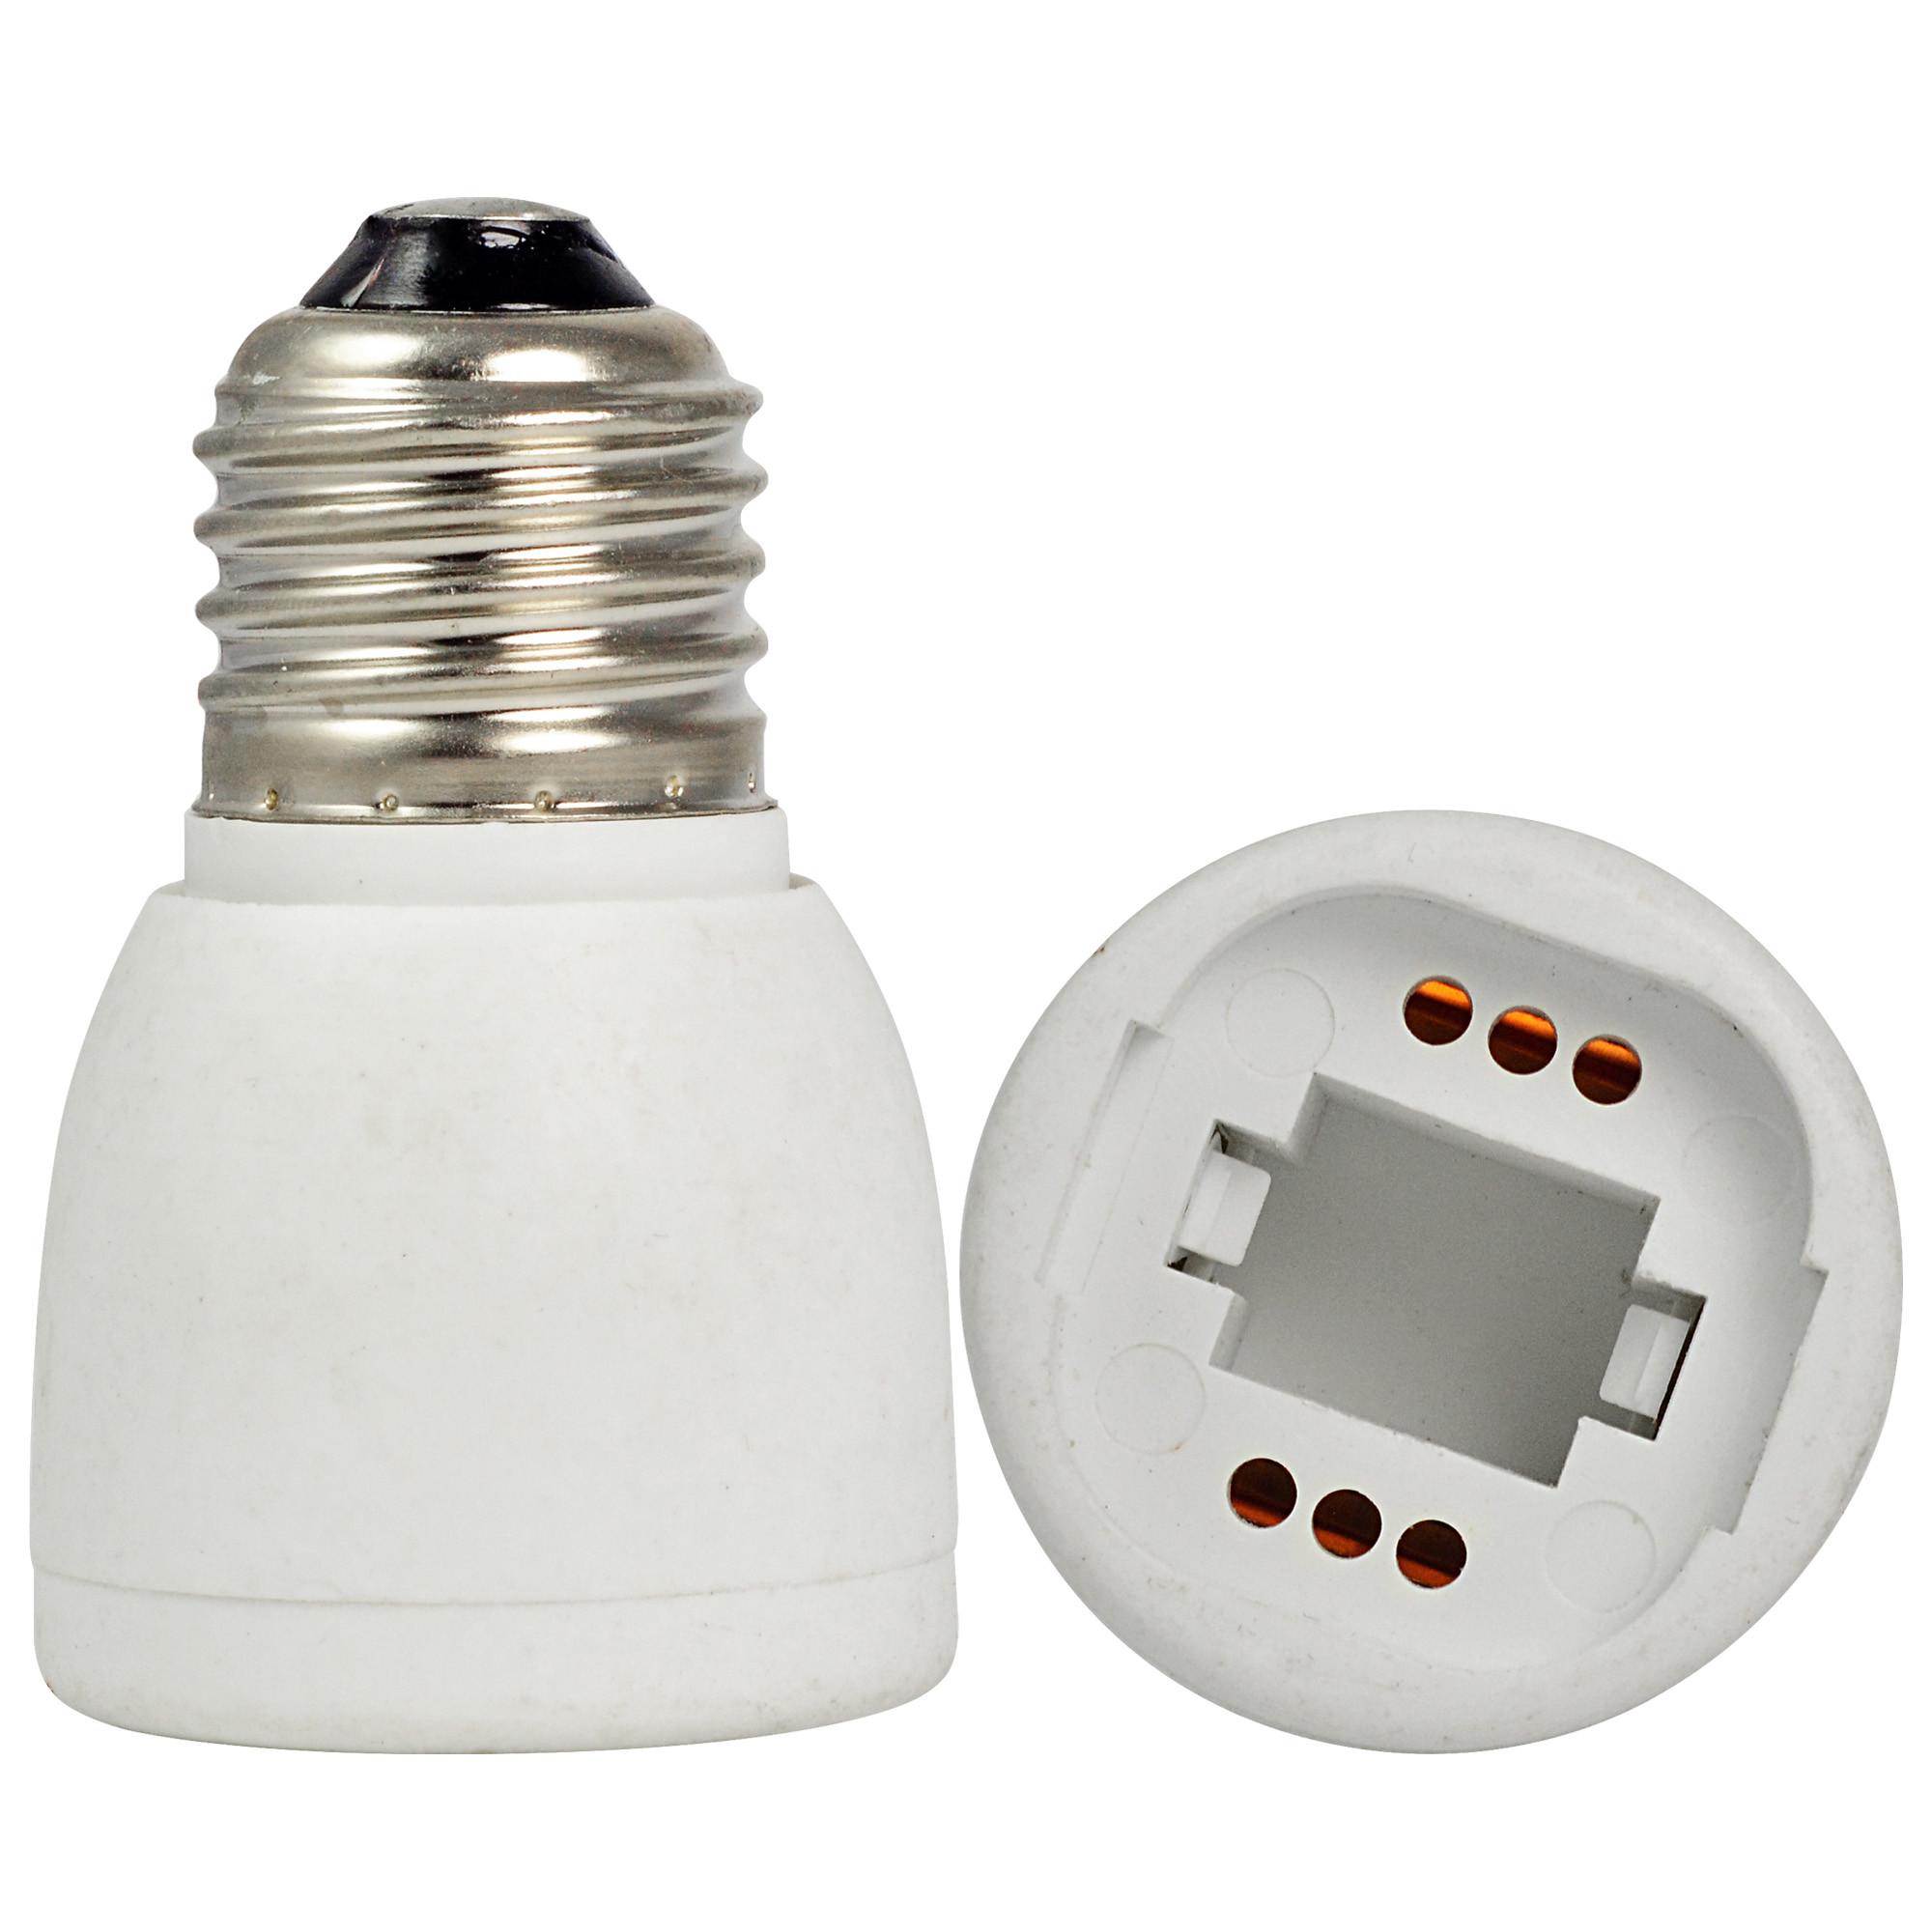 E27 To G24 LED Light Bulb Lamp Socket Adapter / Extender ...